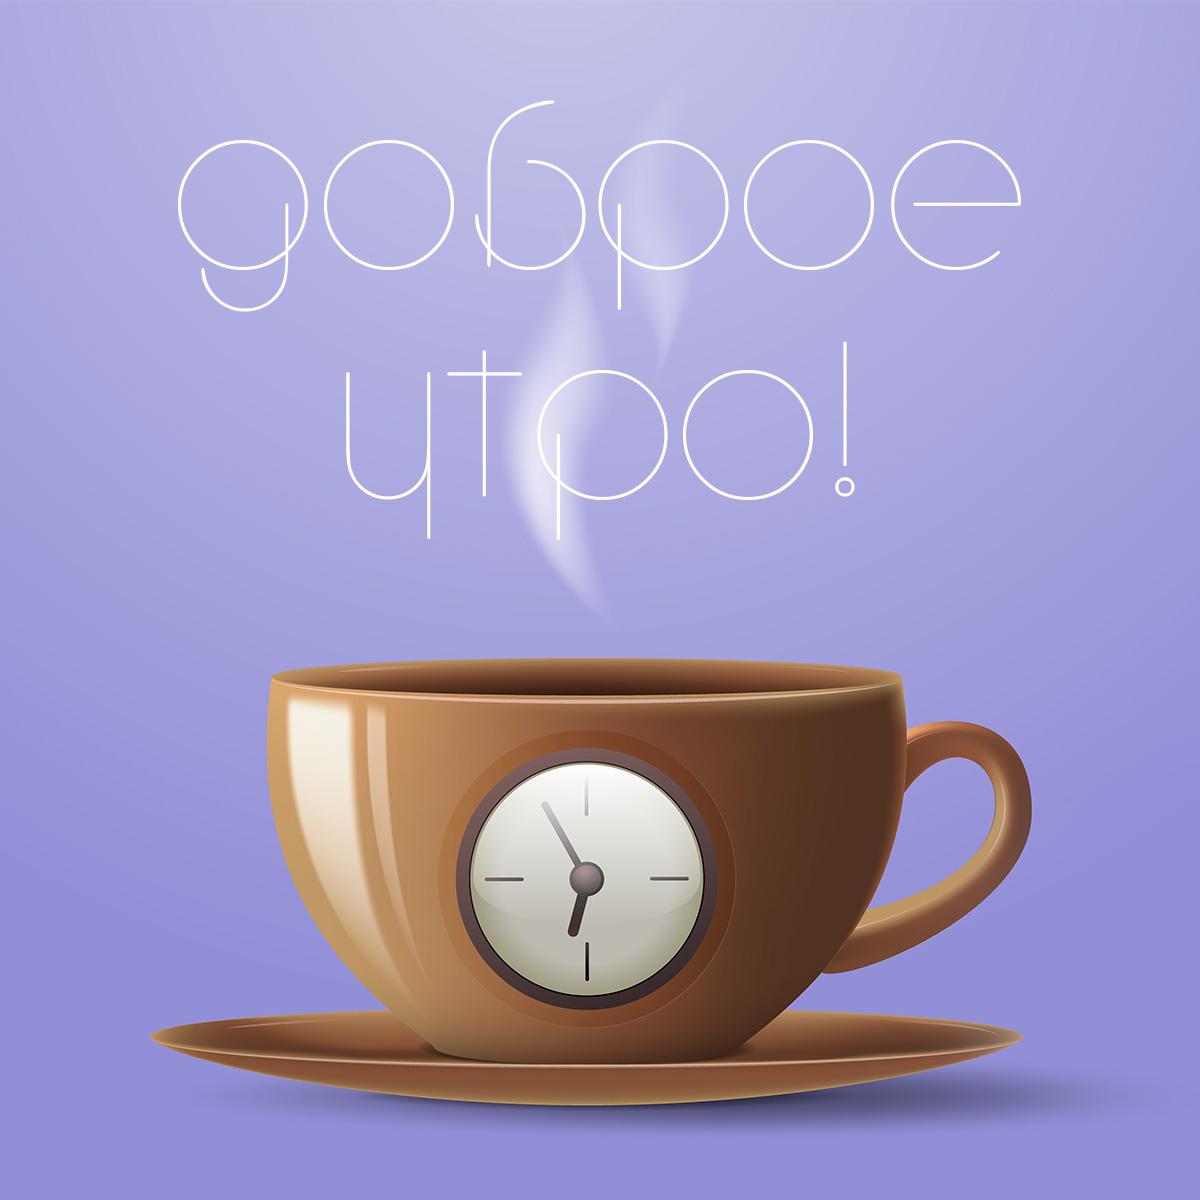 Картинка с текстом с добрым утром чашка кофе на блюдце коричневого цвета с часами на фиолетовом фоне.